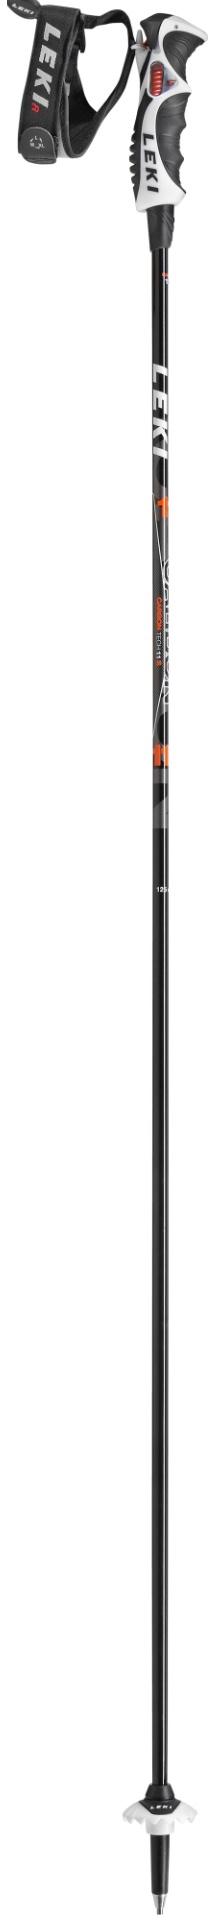 Carbon 11 S 125 cm